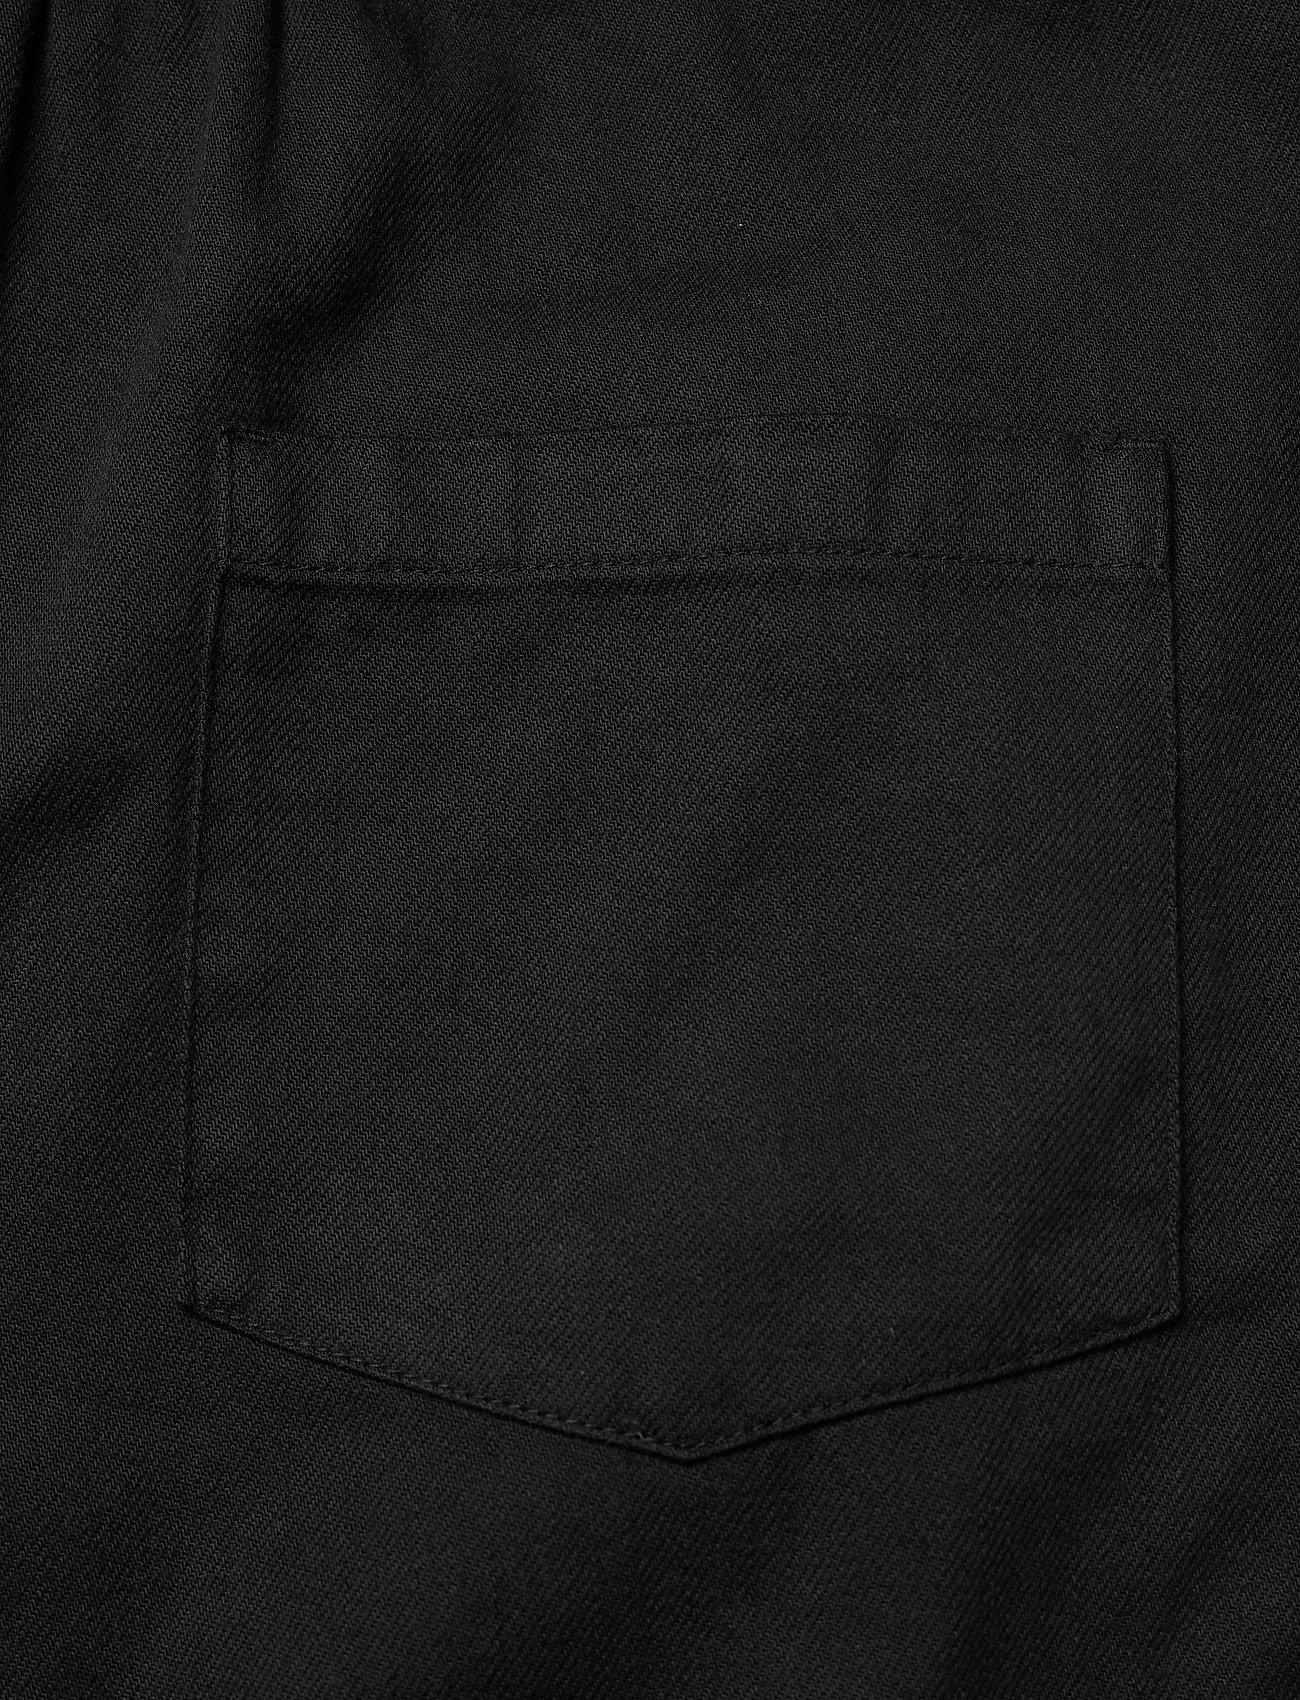 Superdry - SLEEVELESS JUMPSUIT - clothing - black wash - 3